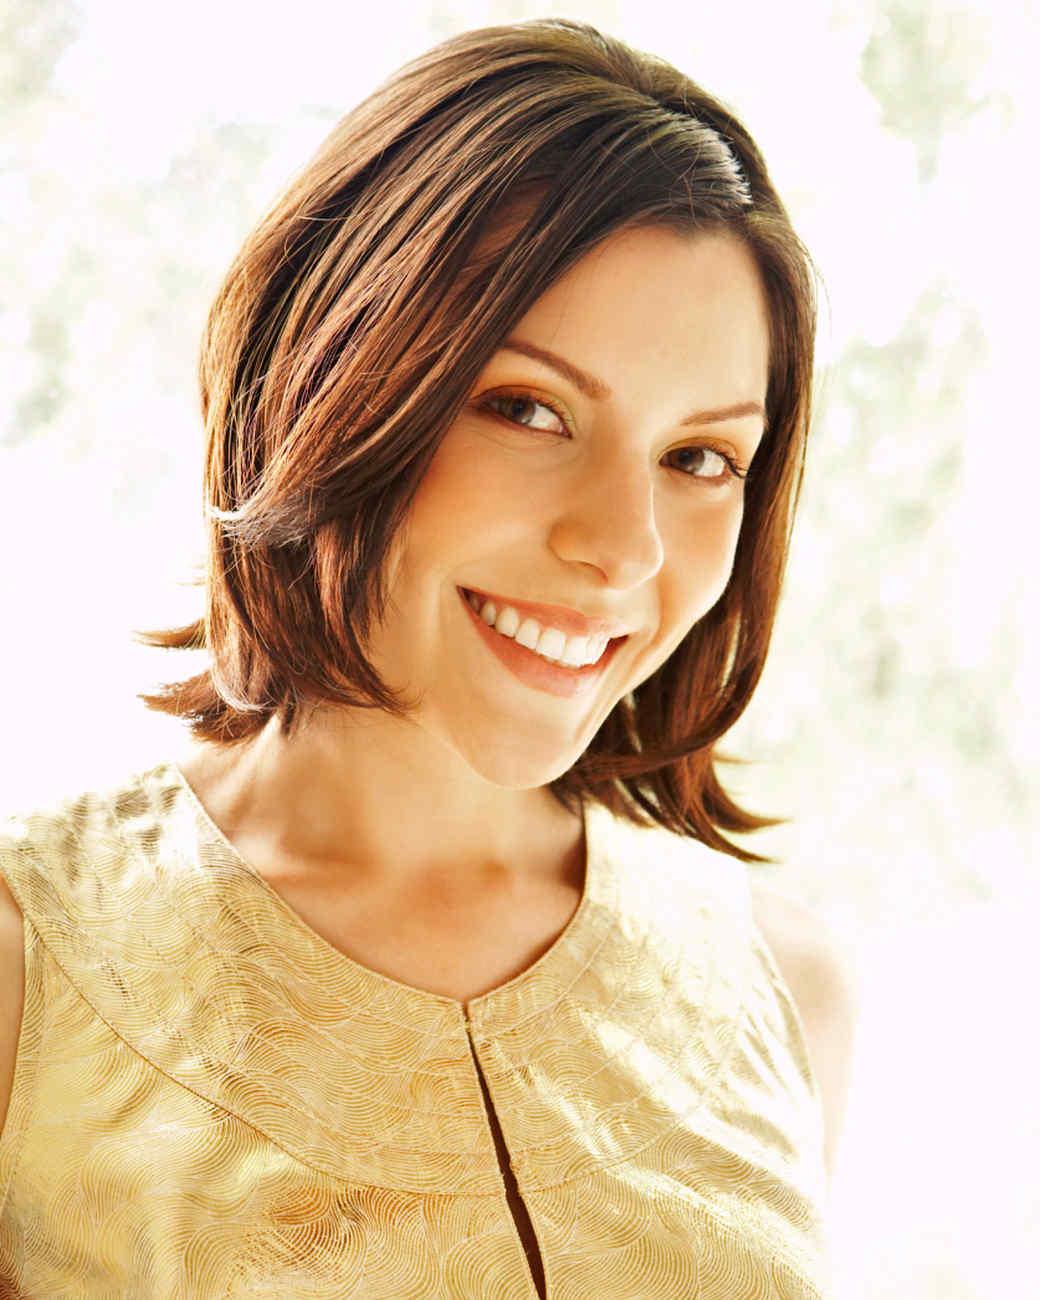 bc-hair-thick-7-getty-sb10064076g-001.jpg